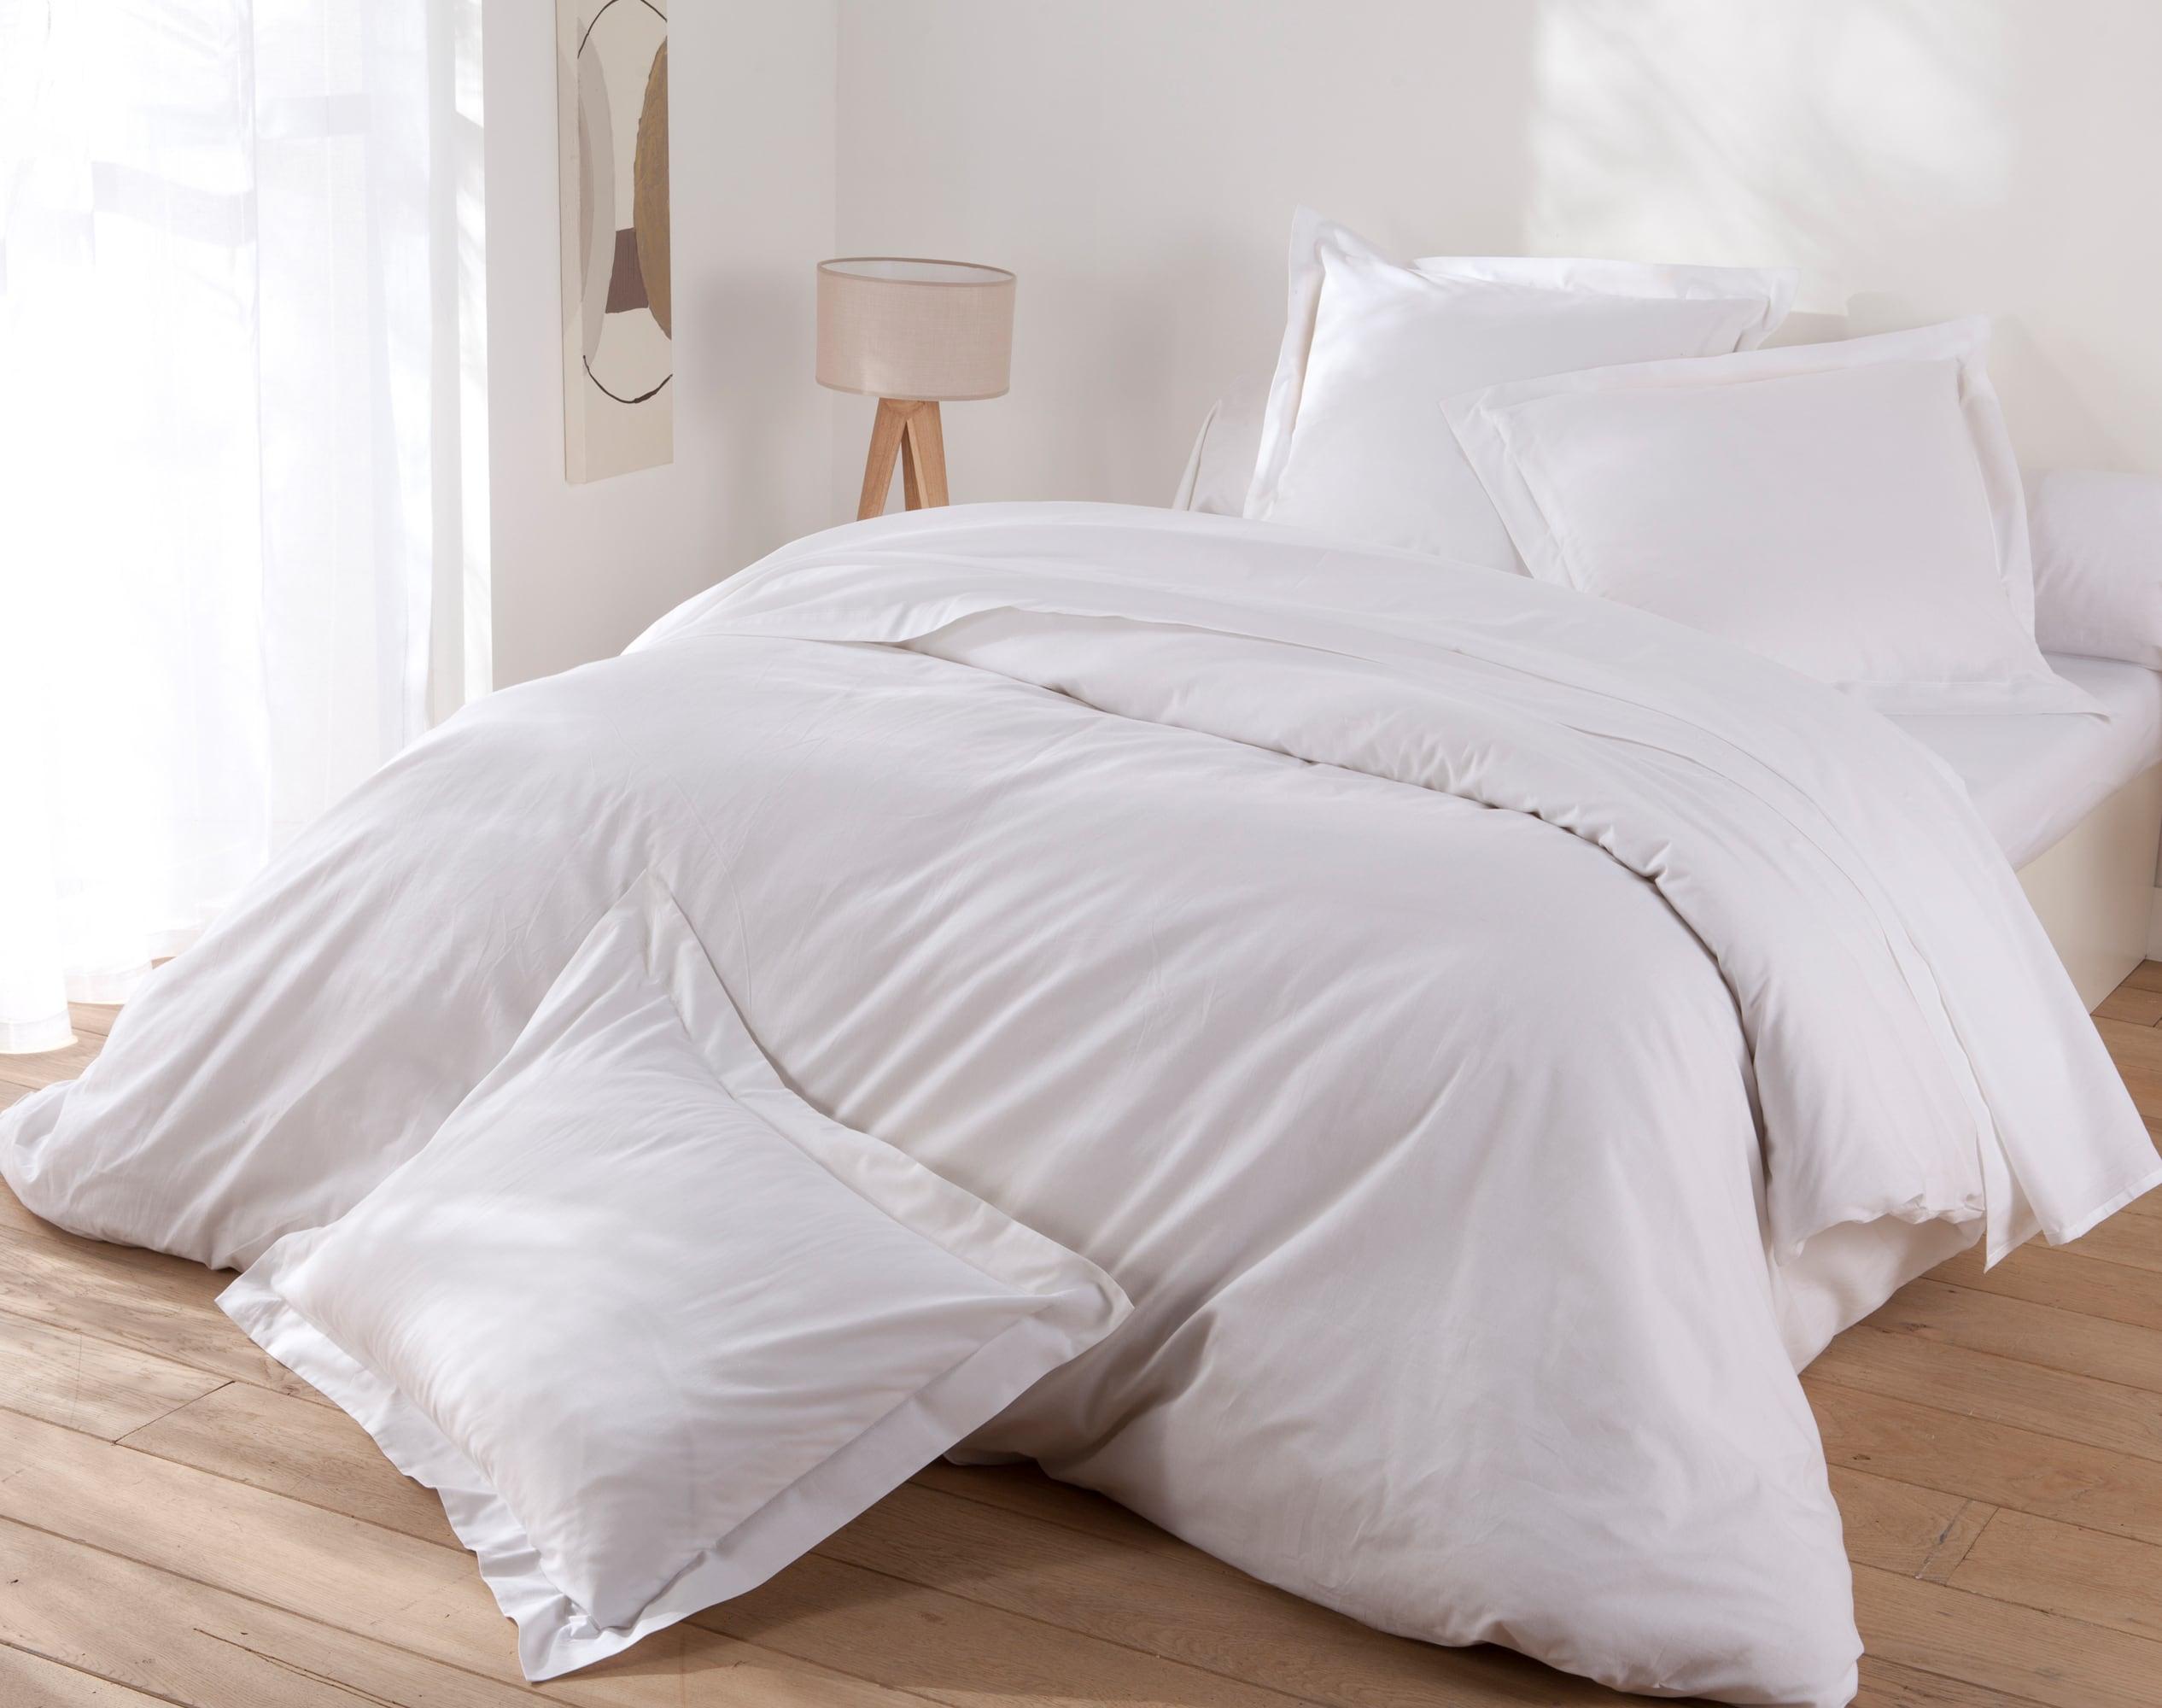 Housse de couette 260x240 en coton blanc